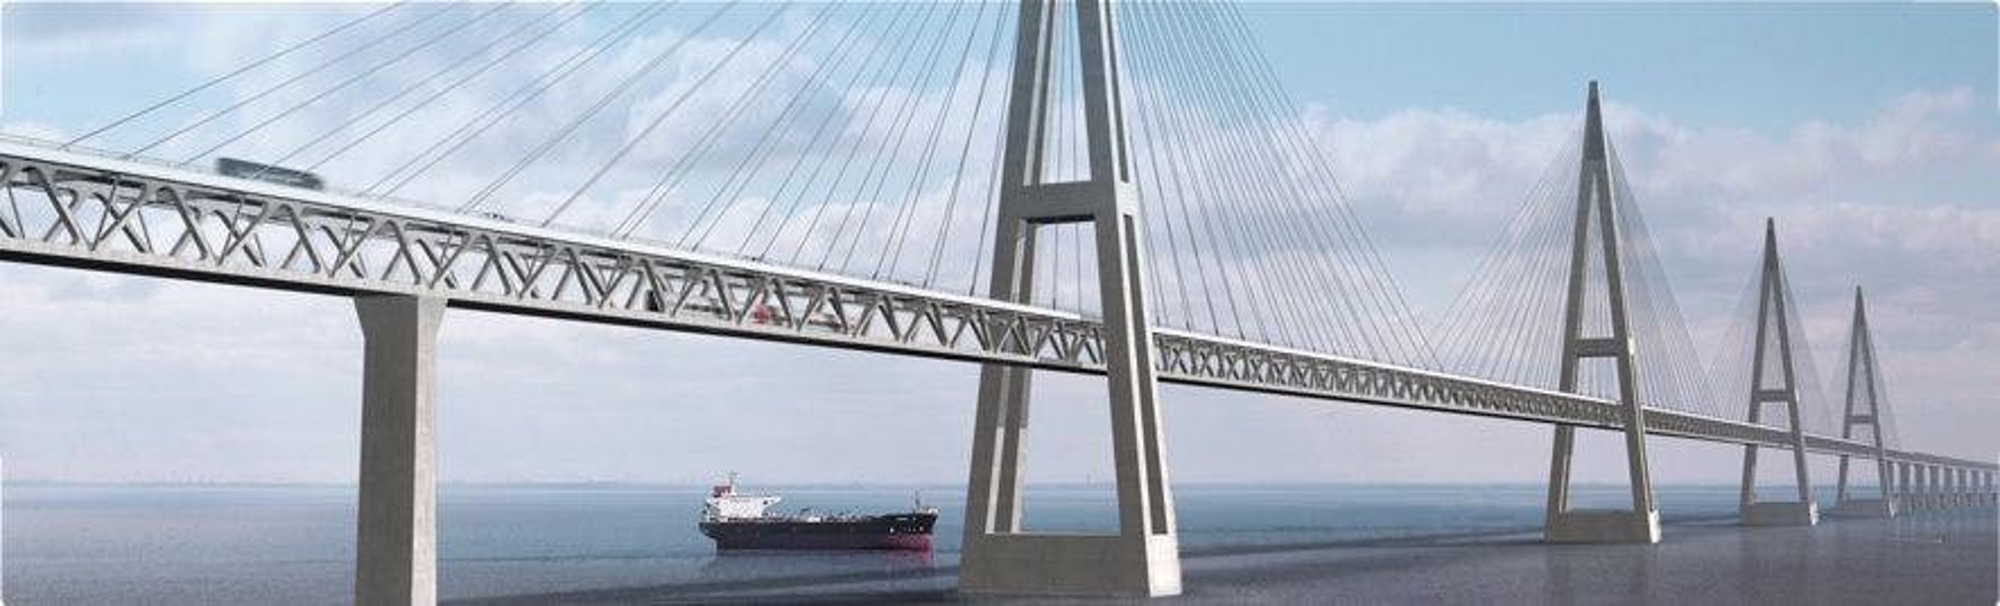 DYR BRO: Femernbroen mellom Danmark og Tyskland har økt i pris fra 33 til 38,5 milliarder danske kroner, mens en senketunnel på samme strekning har gått ned fra 41 til 37,9 milliarder kroner.